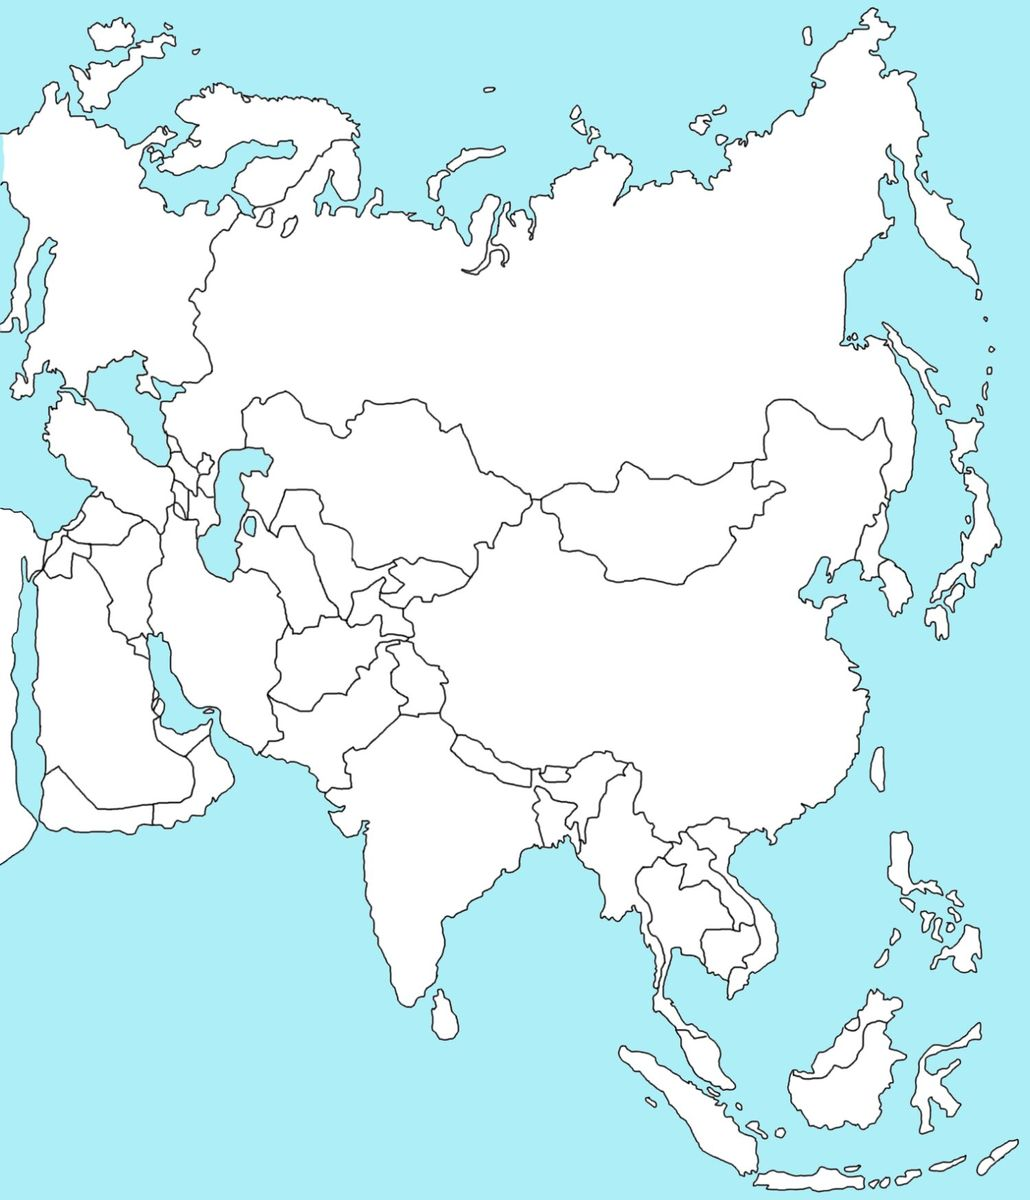 Zaznacz Na Mapie Azji W Zalaczniku Nizine Indu Turanska